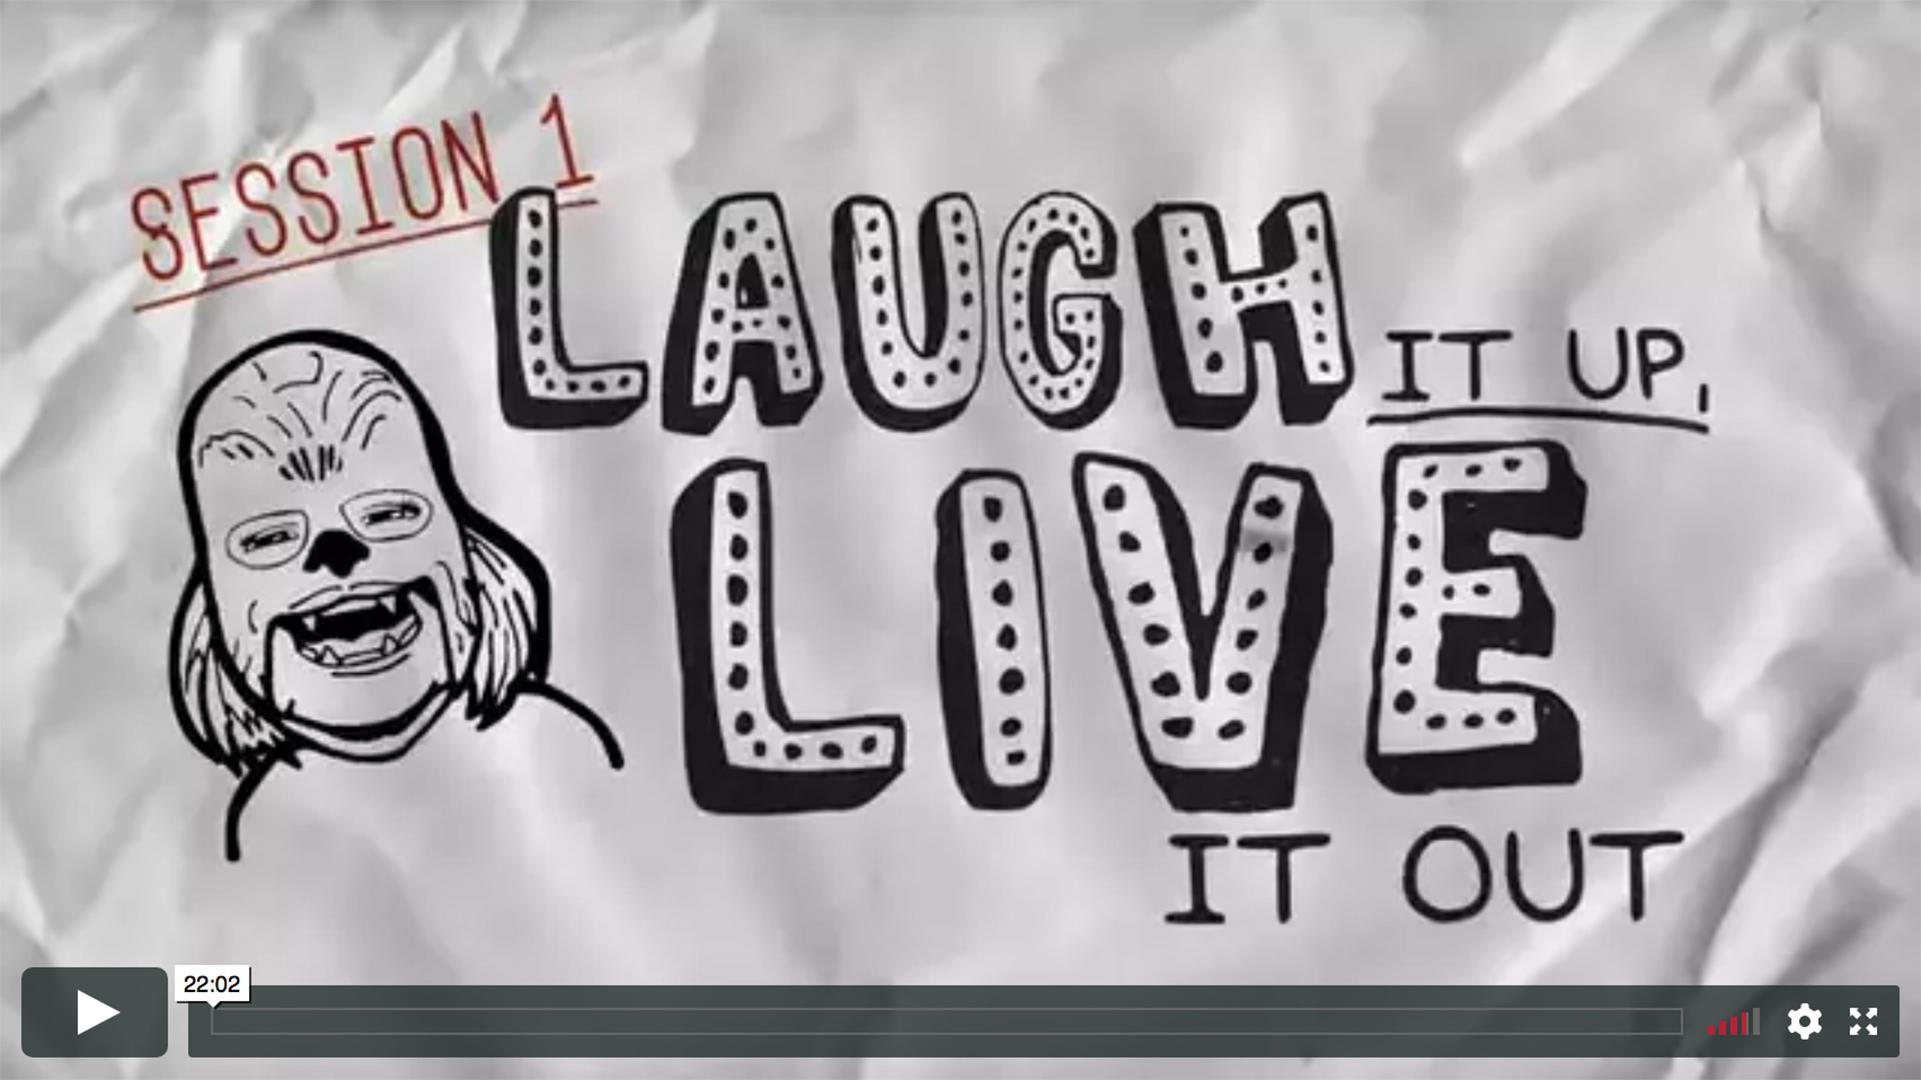 Session 1 - Laugh It Up, Live It Out